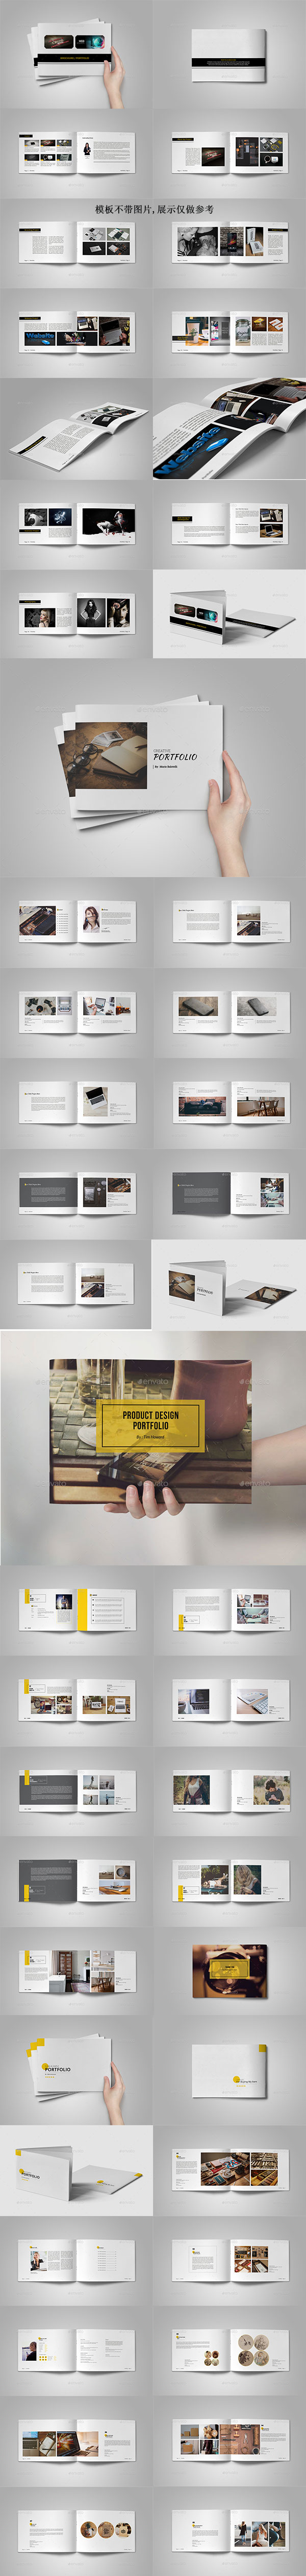 4套商业画册